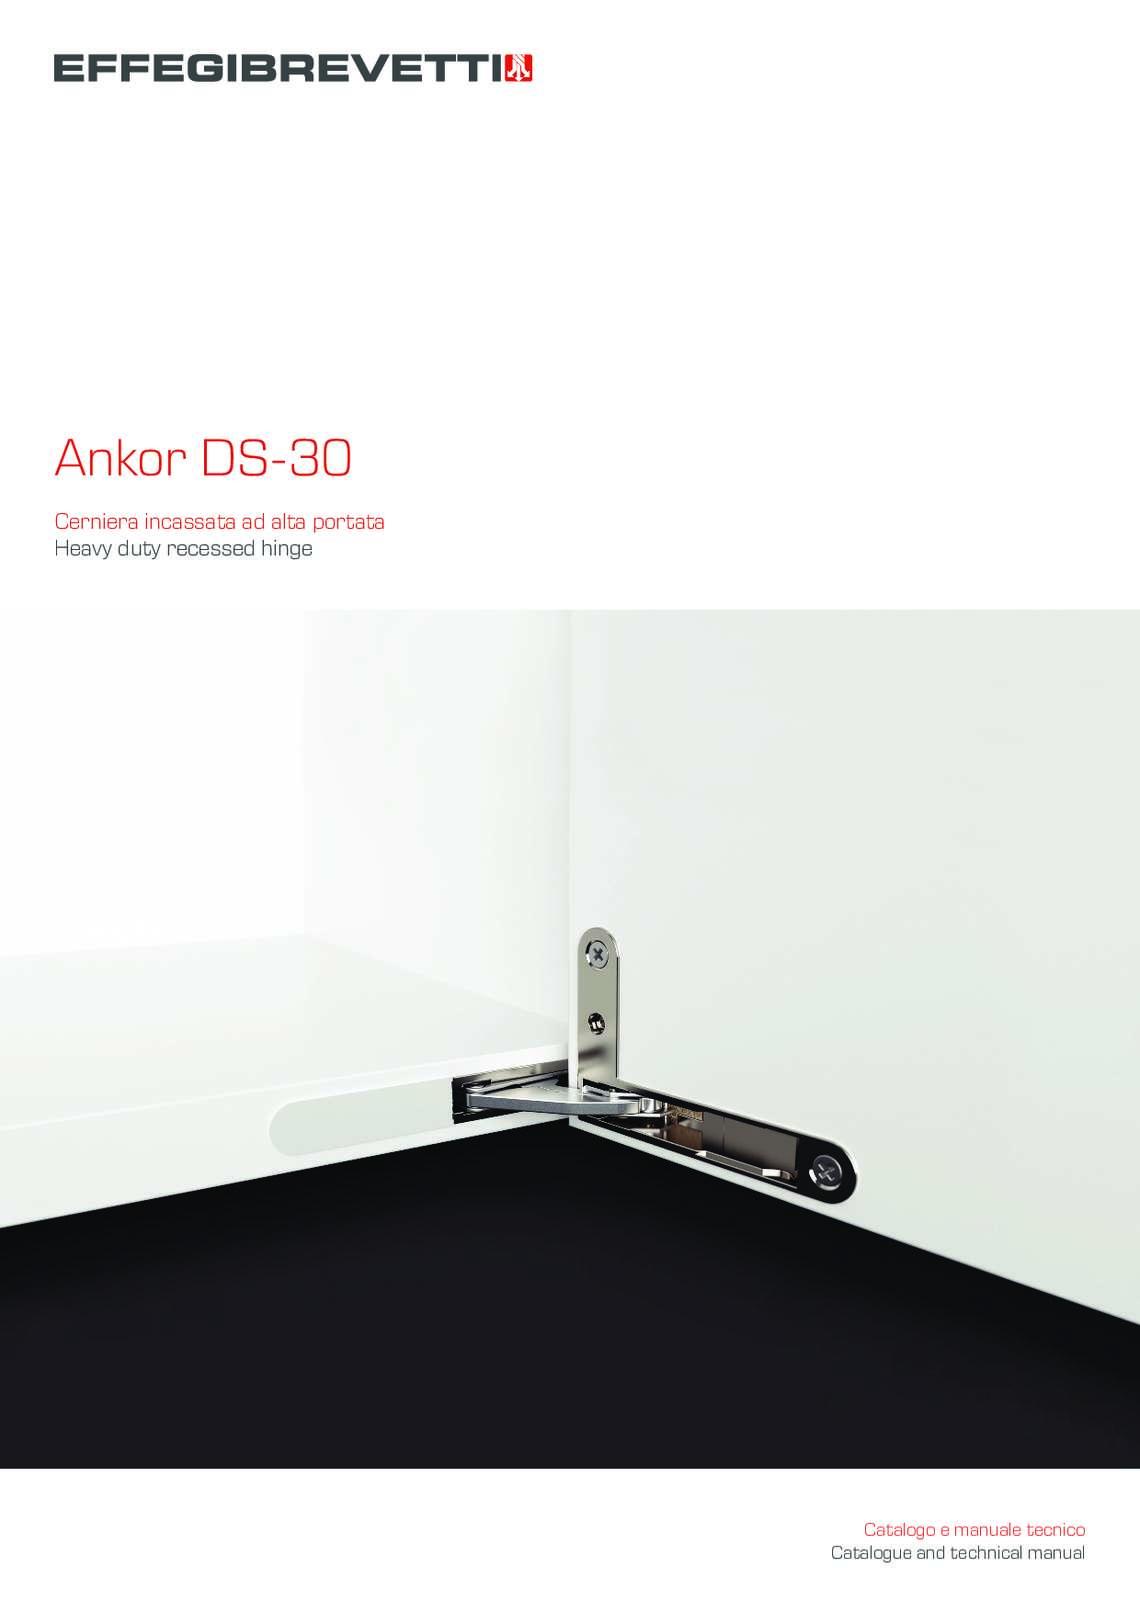 Ankor DS-30 Cerniera ad alta portata Effegibrevetti